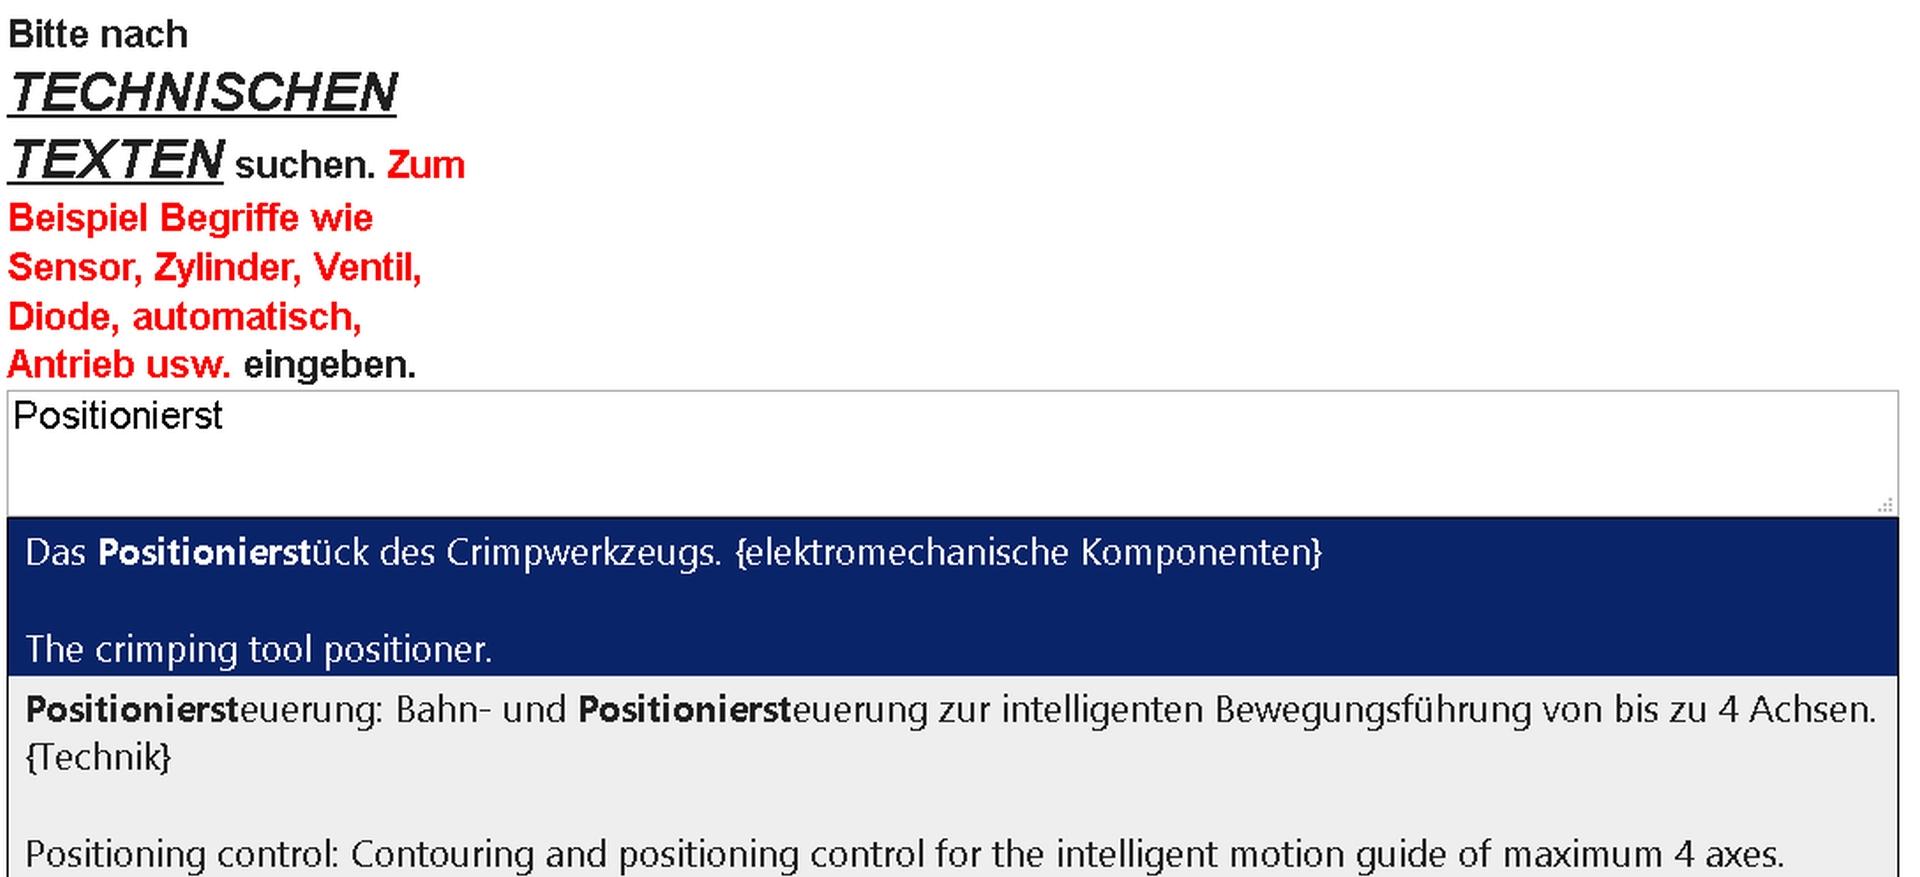 gefunden zu bwin-übernahme droht doch noch zu platzen | lettertest.de Jan Hendrik Weitkamp auf http://www.unionwessum.de